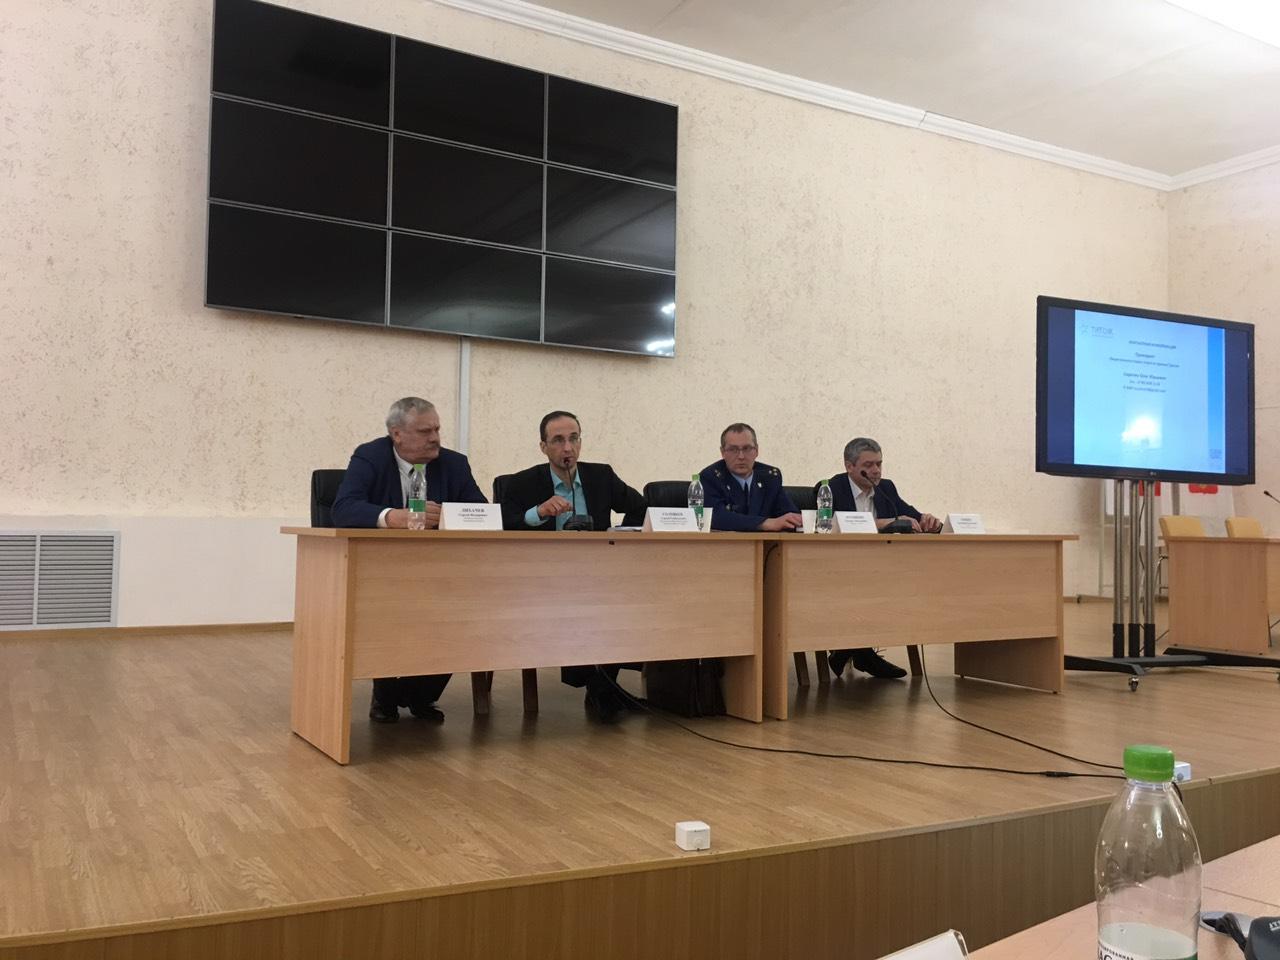 В Миассе (Челябинская область) обсудили актуальные экологические вопросы. Участники встречи говор